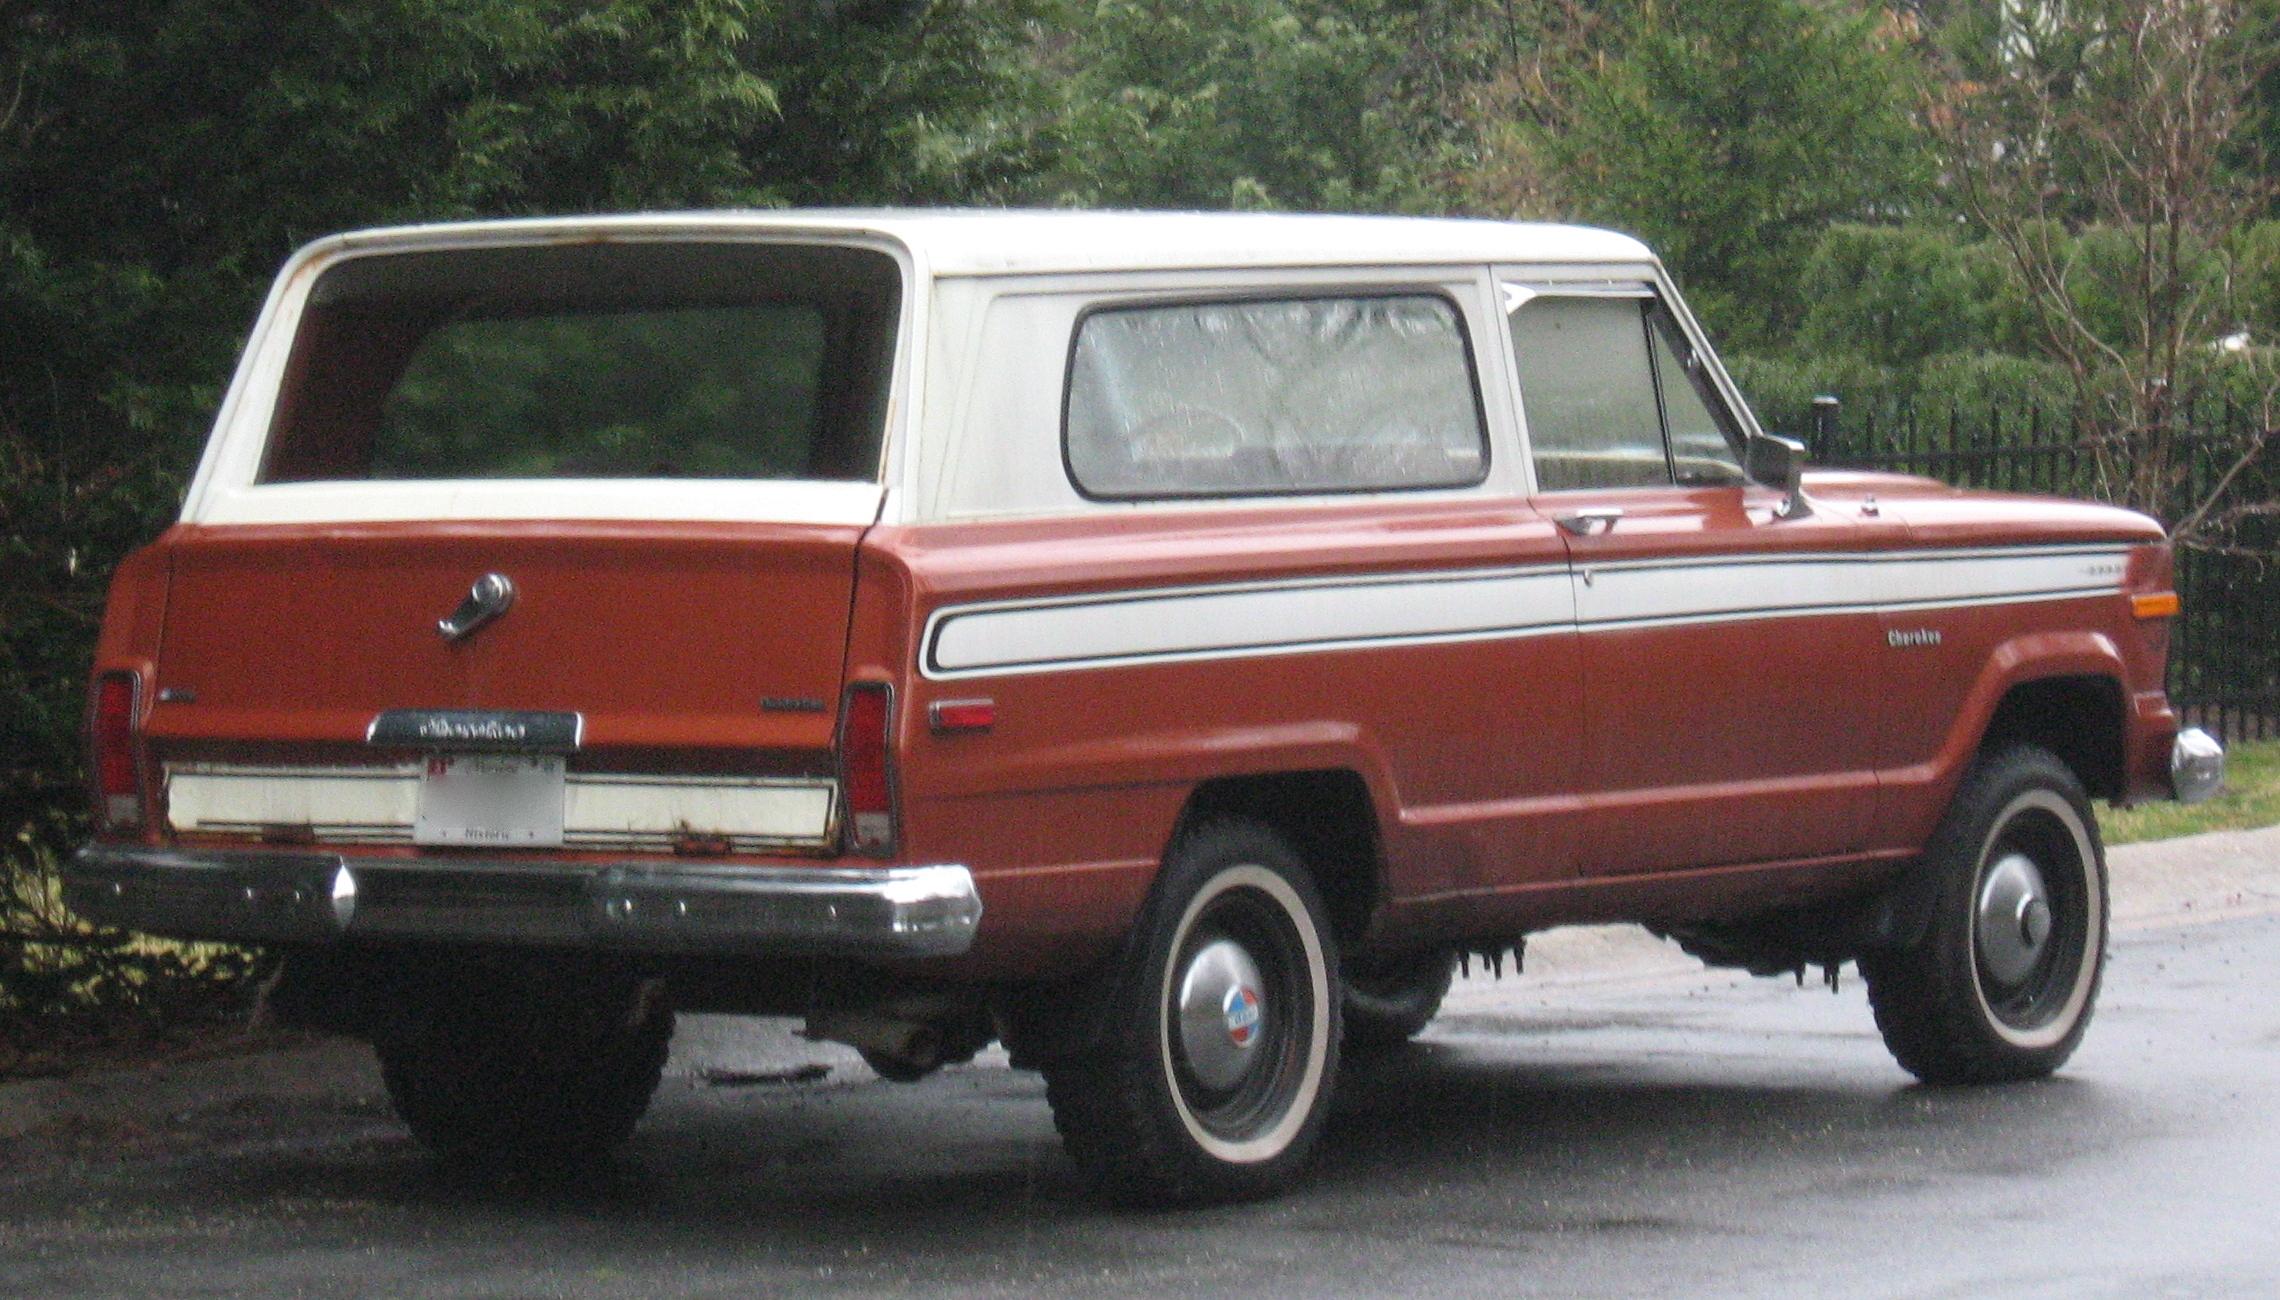 VWVortex Show me Rare Short Wheelbase 2 door vehicles where 4